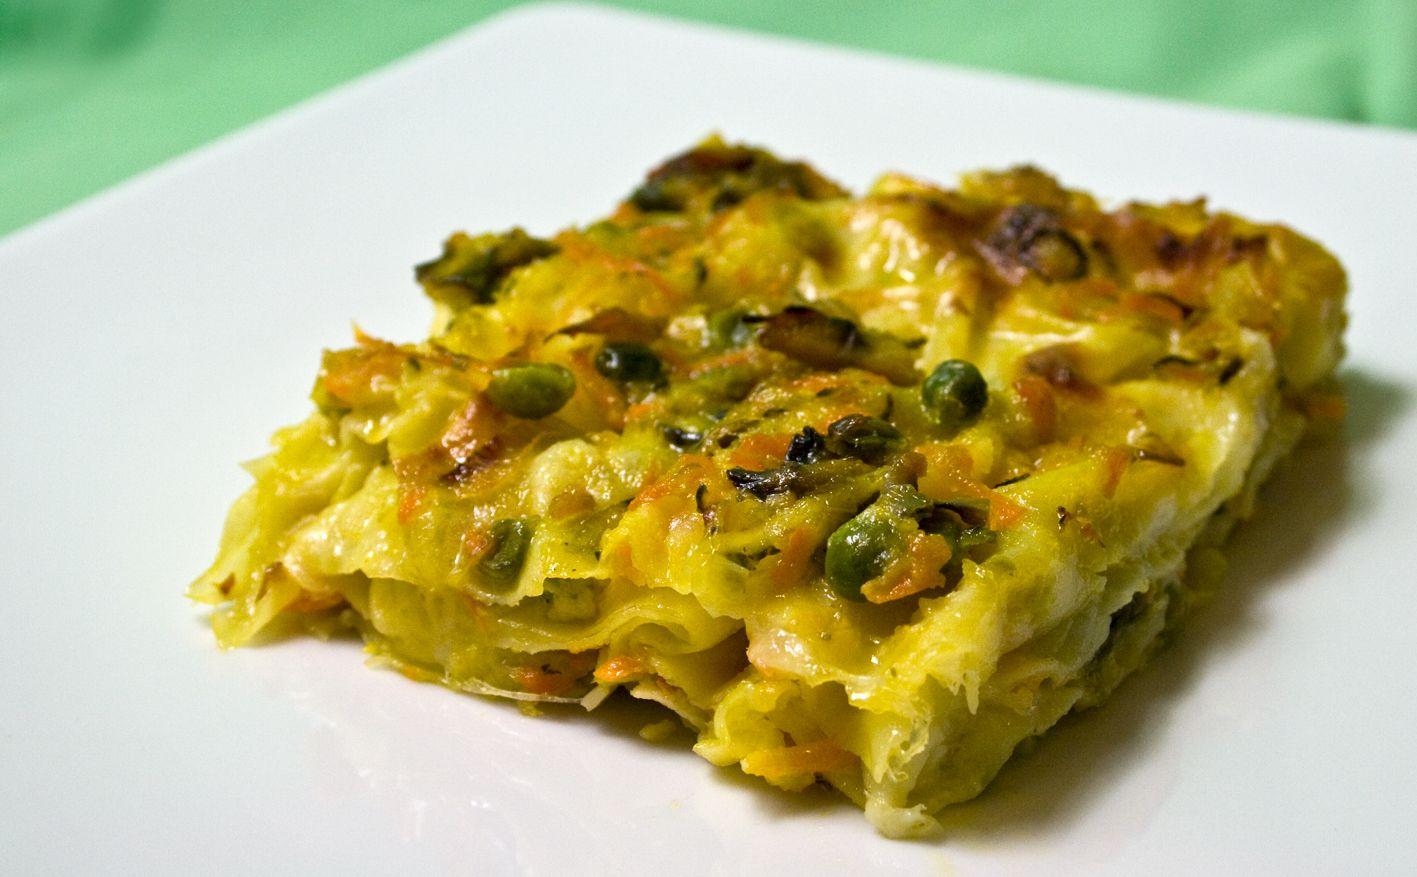 Lasagne con pasticcio di verdure alla mozzarella di bufala for Ricette vegetariane